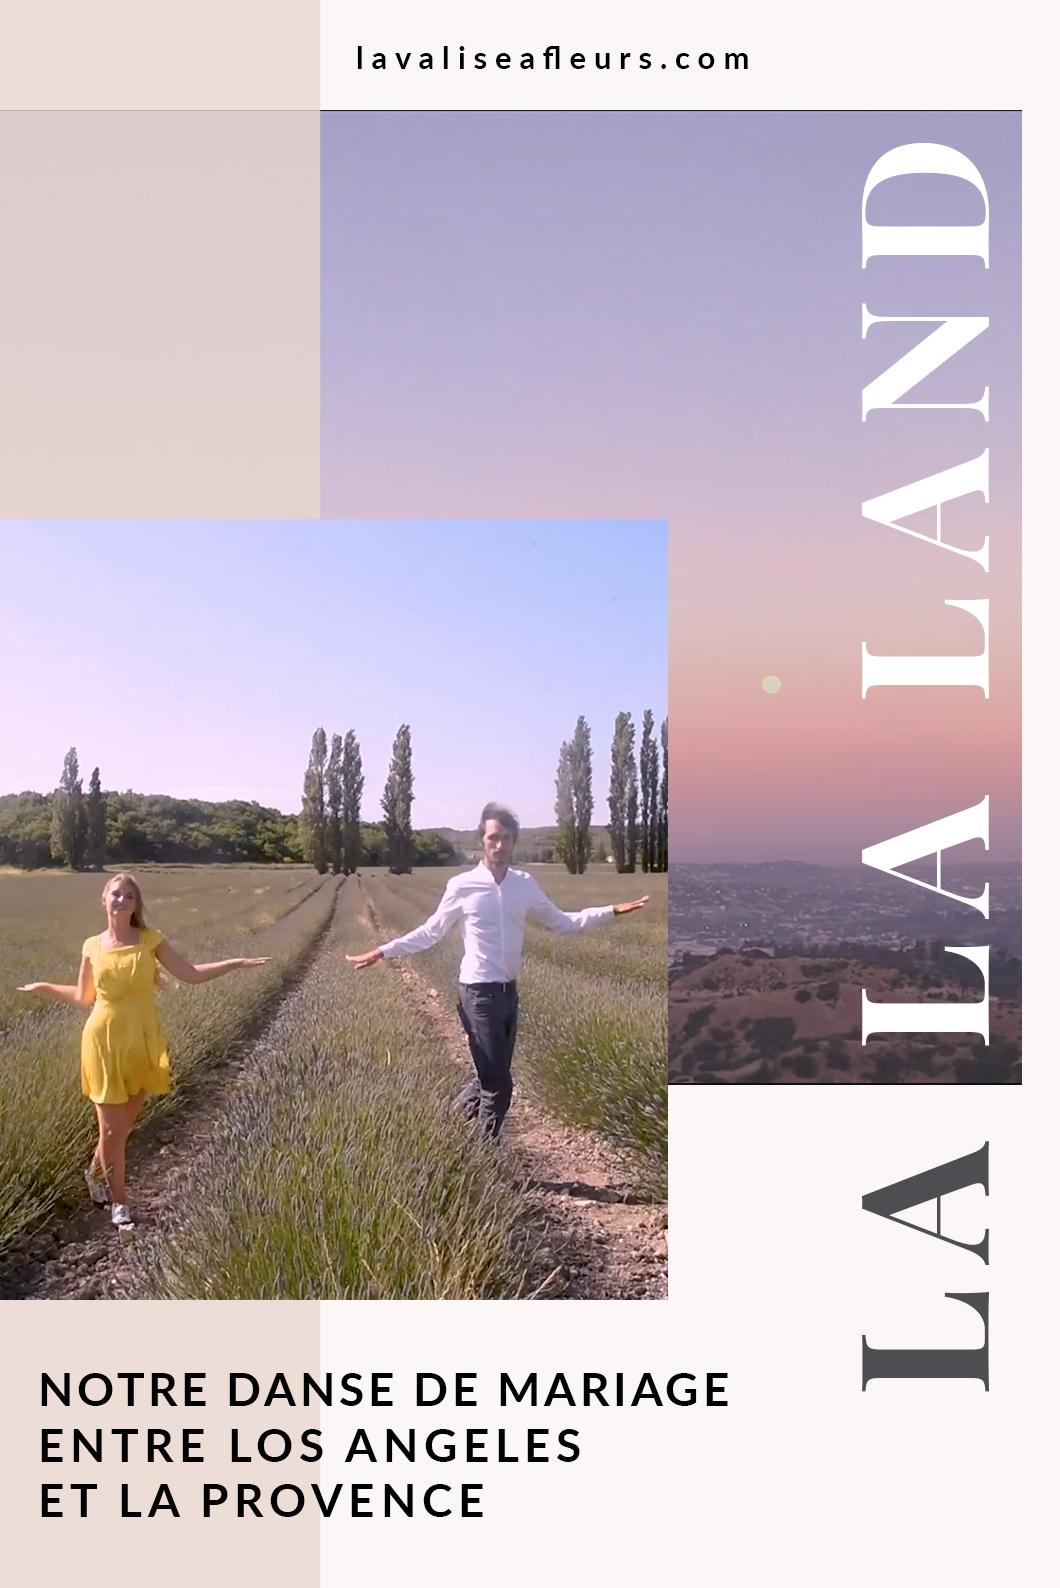 Notre danse de mariage sur La La Land entre Los Angeles et la Provence